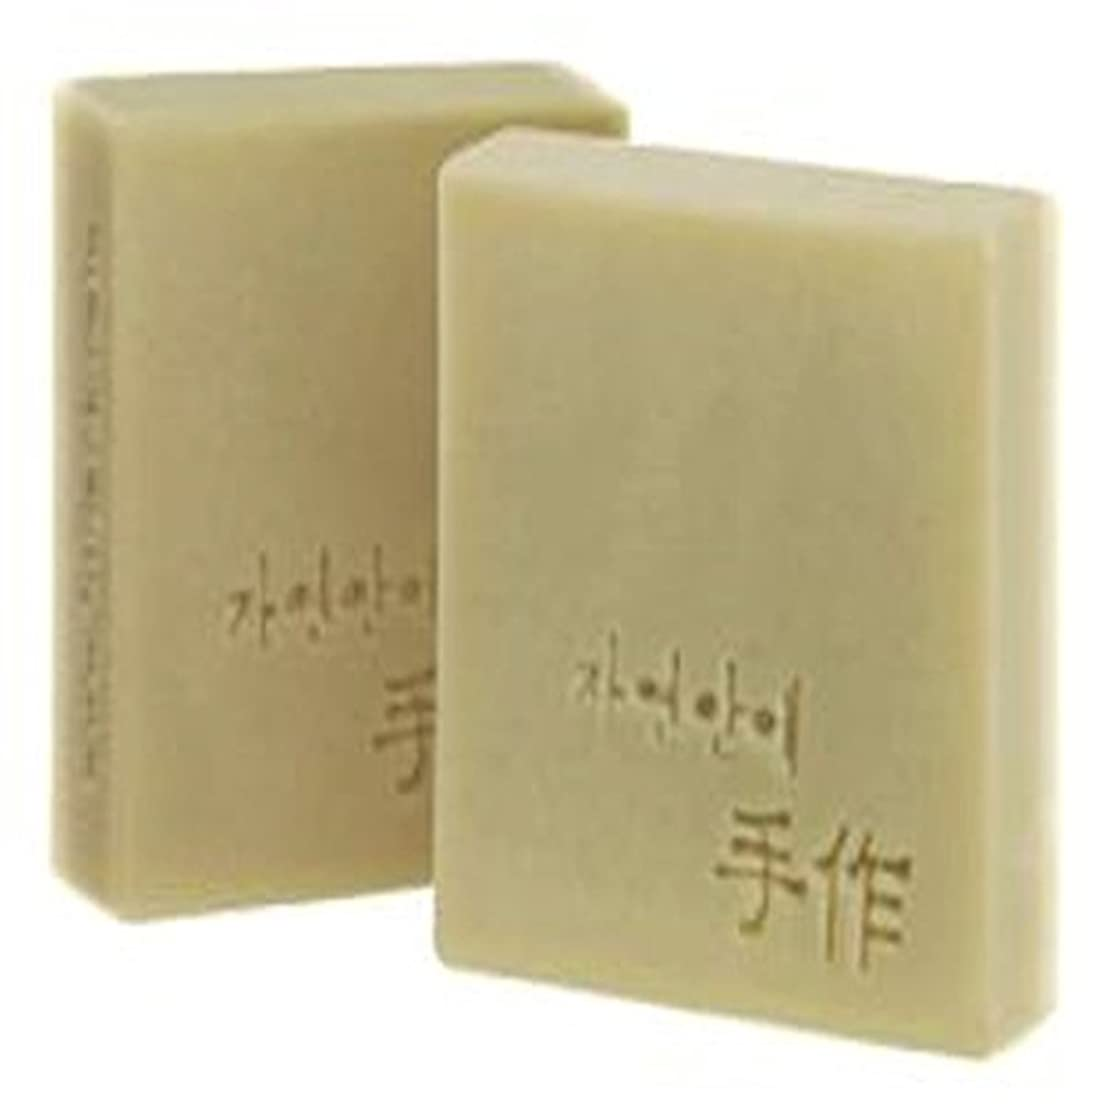 怠な高度なロープNatural organic 有機天然ソープ 固形 無添加 洗顔せっけん [並行輸入品] (マッコリ)